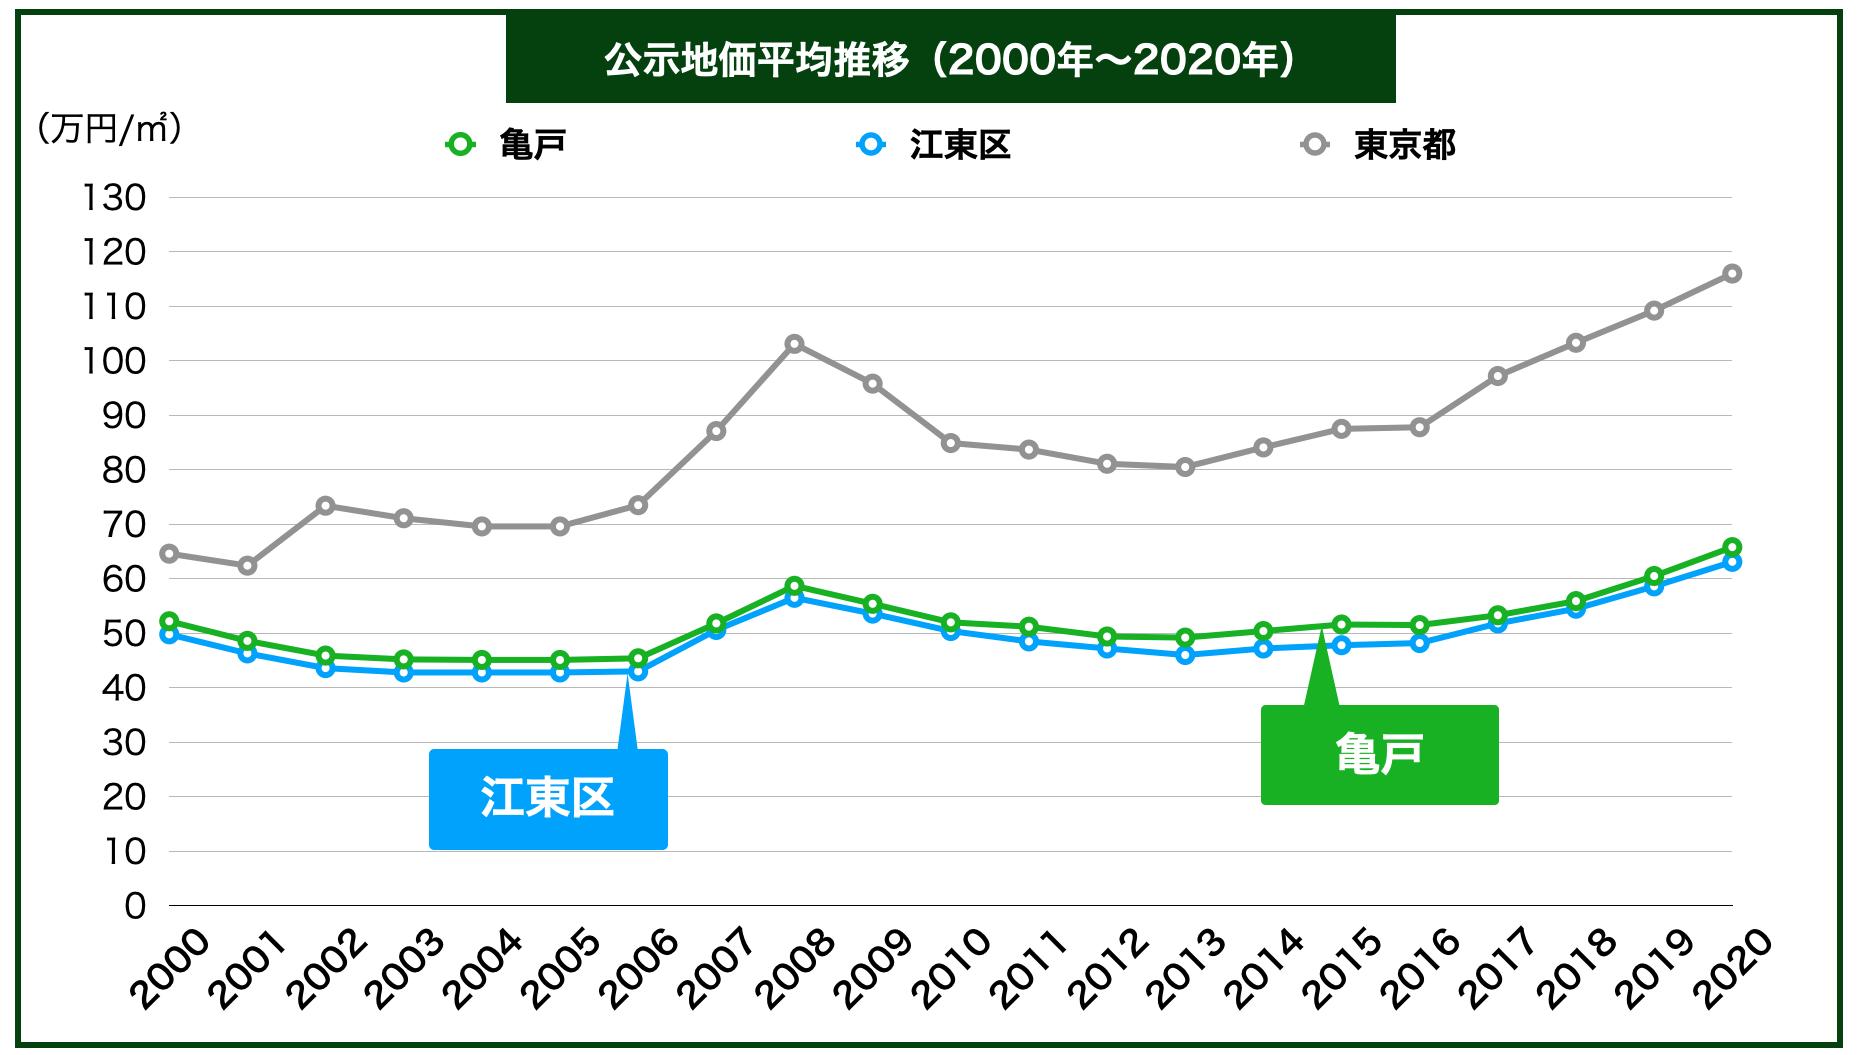 亀戸の公示地価の推移